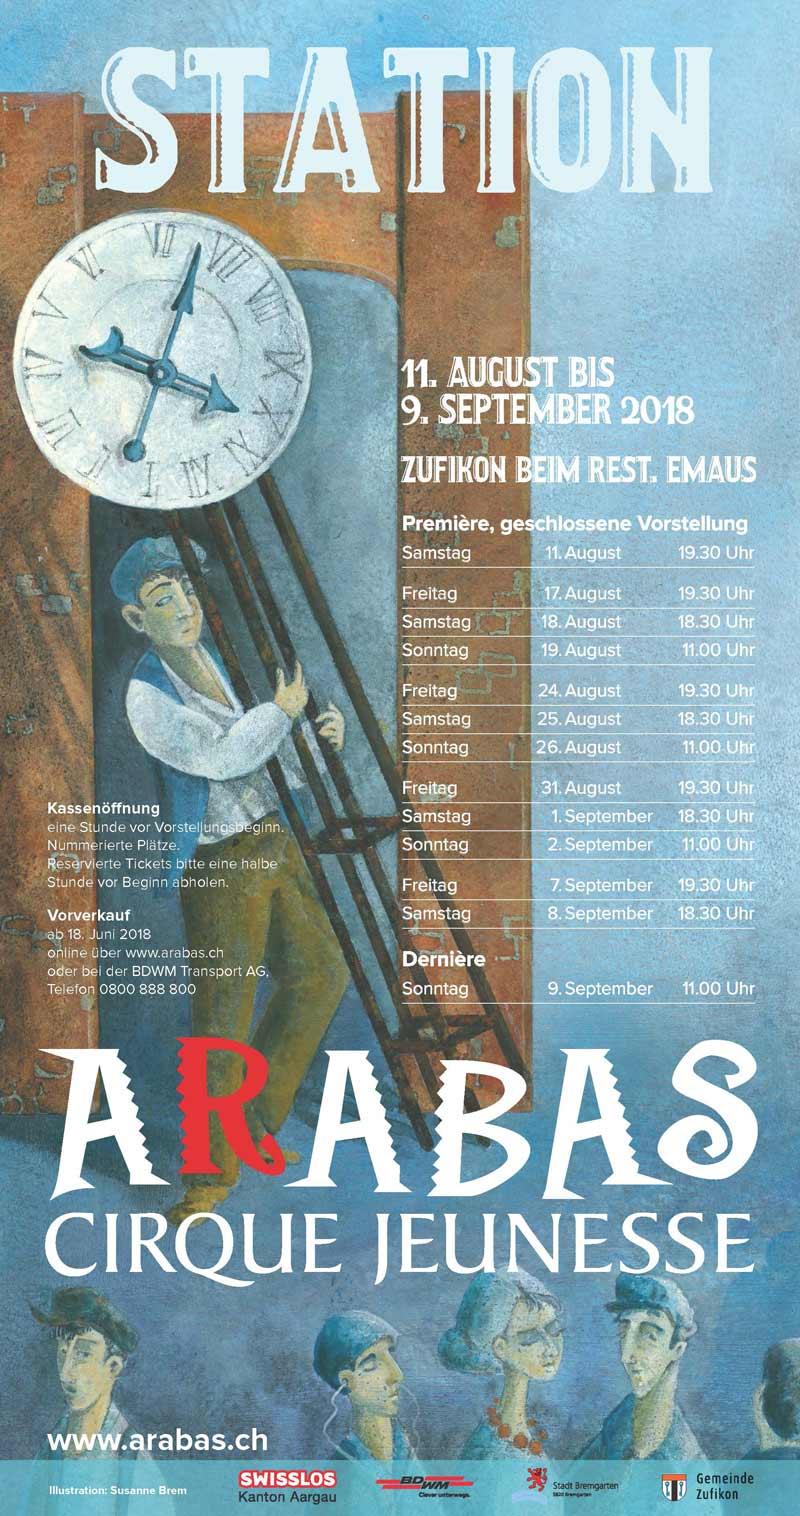 Plakat Für den Cinque Jeunesse Arabas Illustration erstellt von Susanne Brem